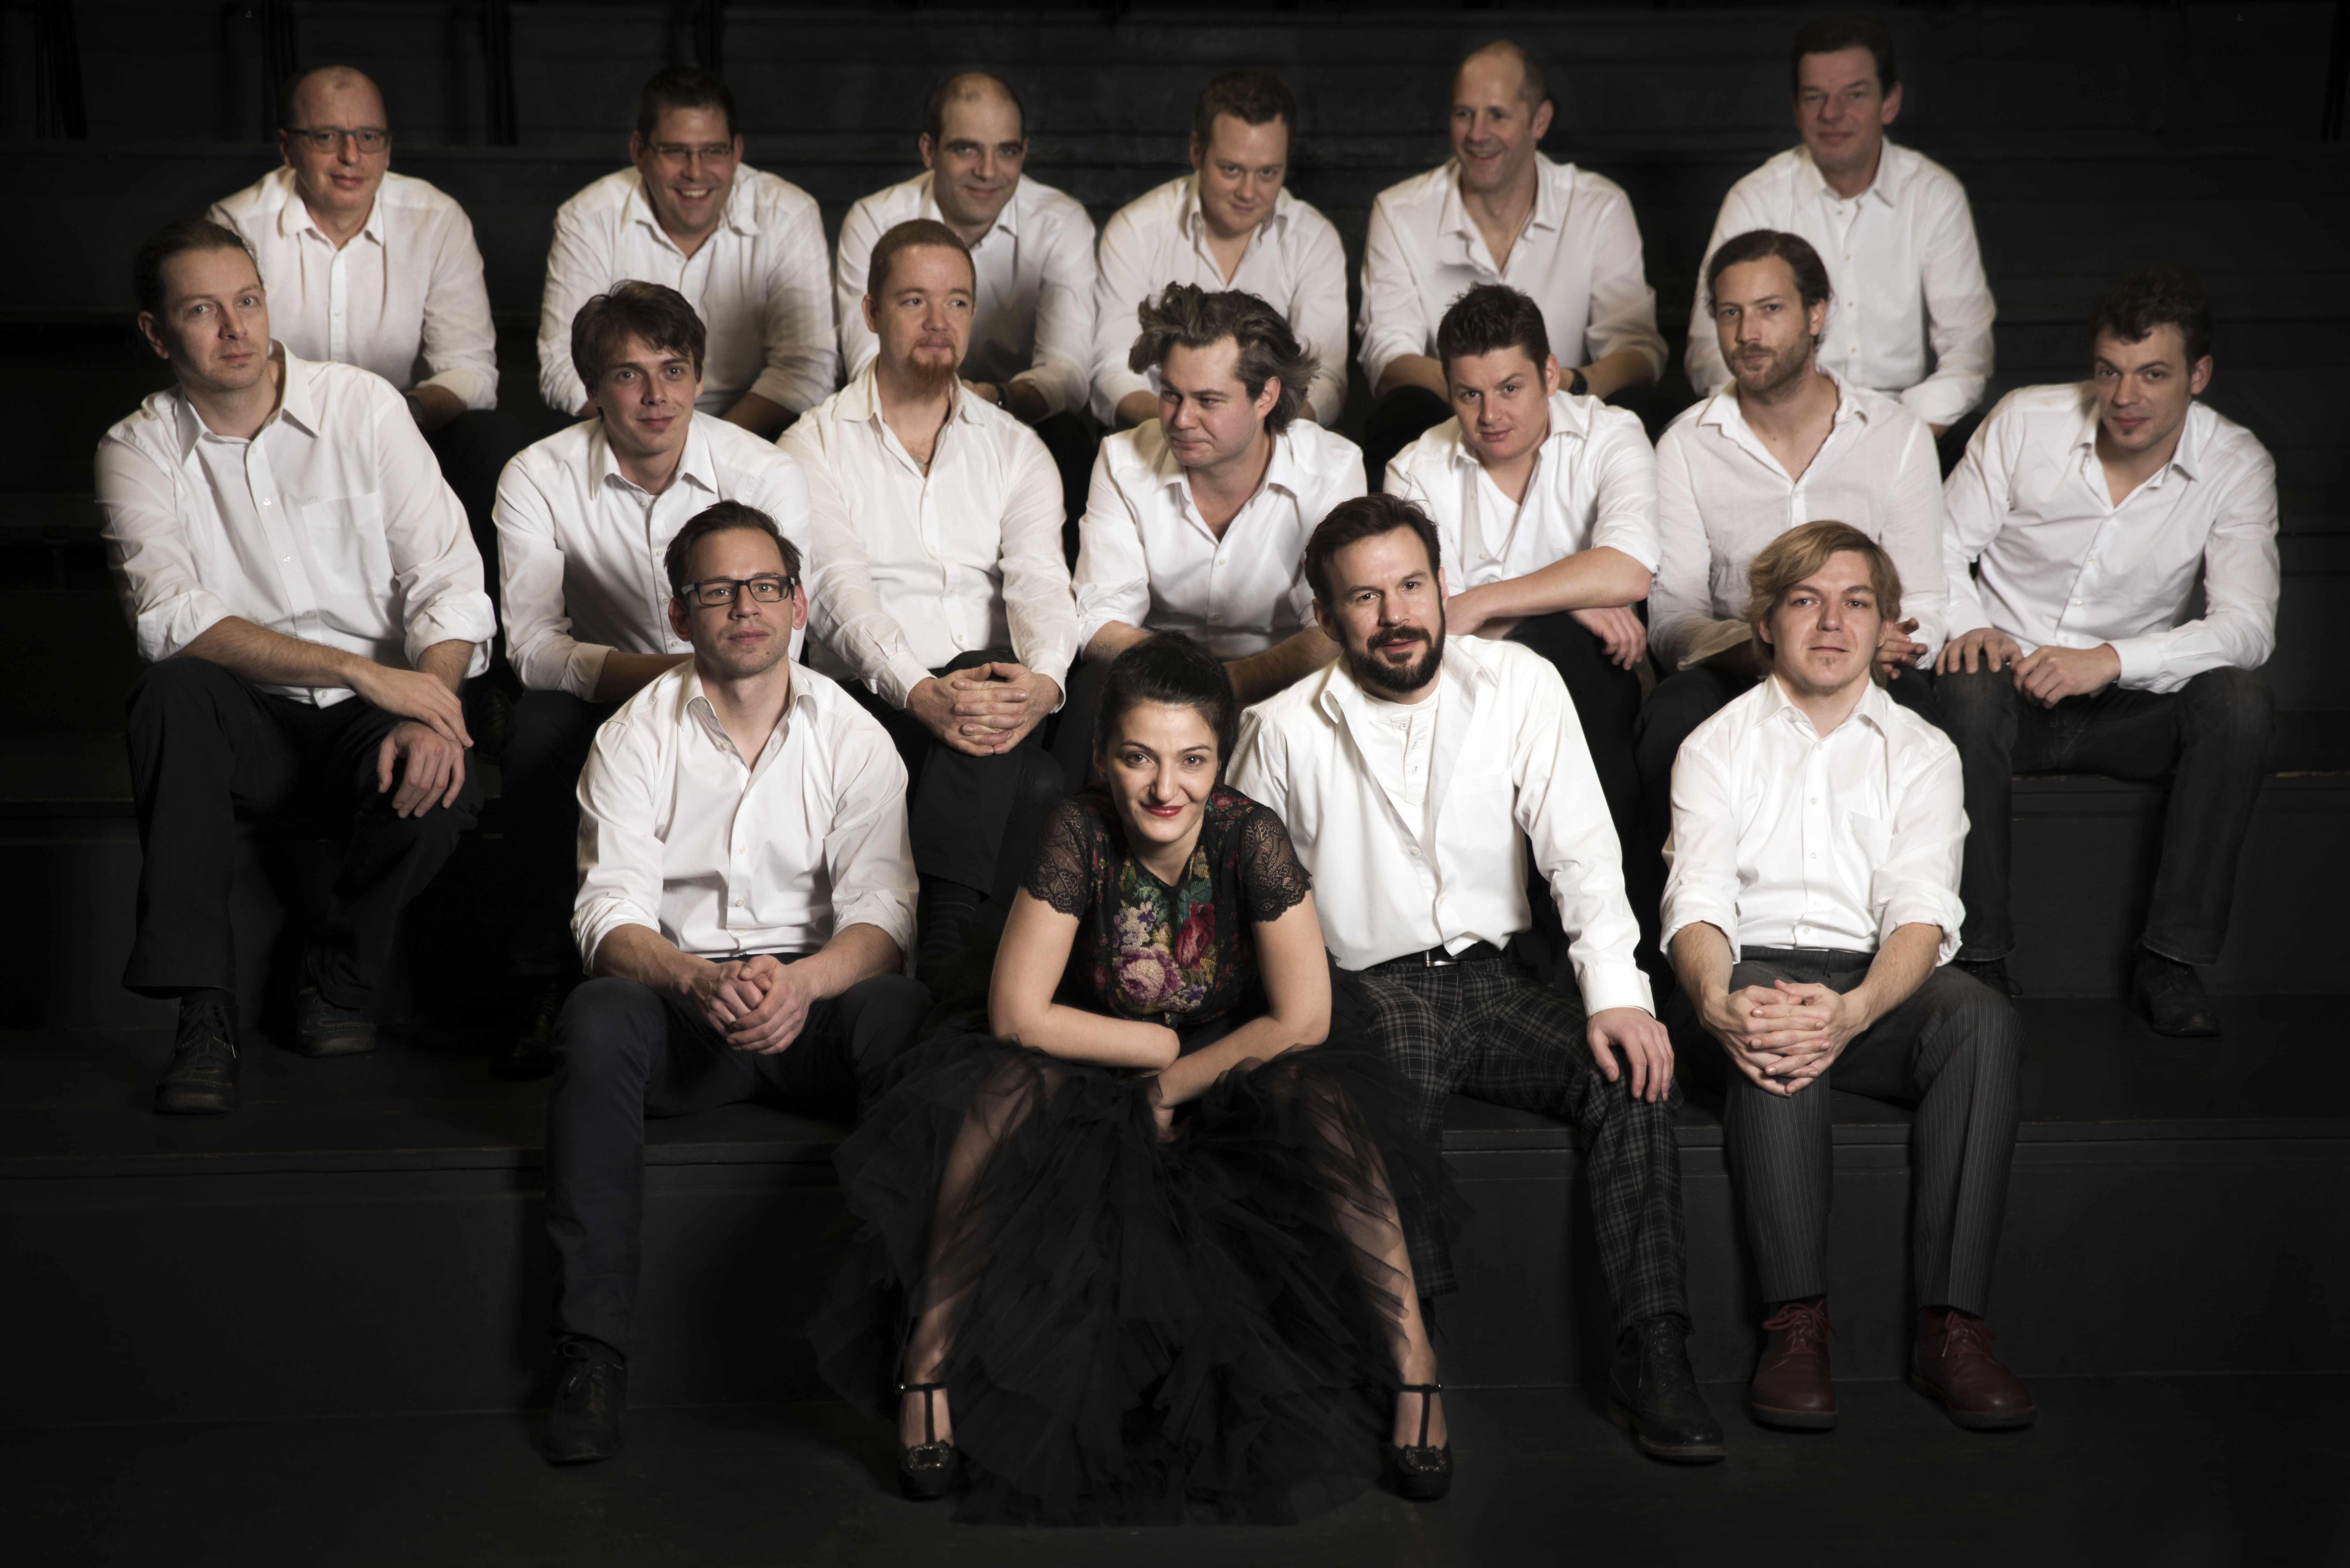 Fatima Spar & JOV klein(Karin Nussbaumer)